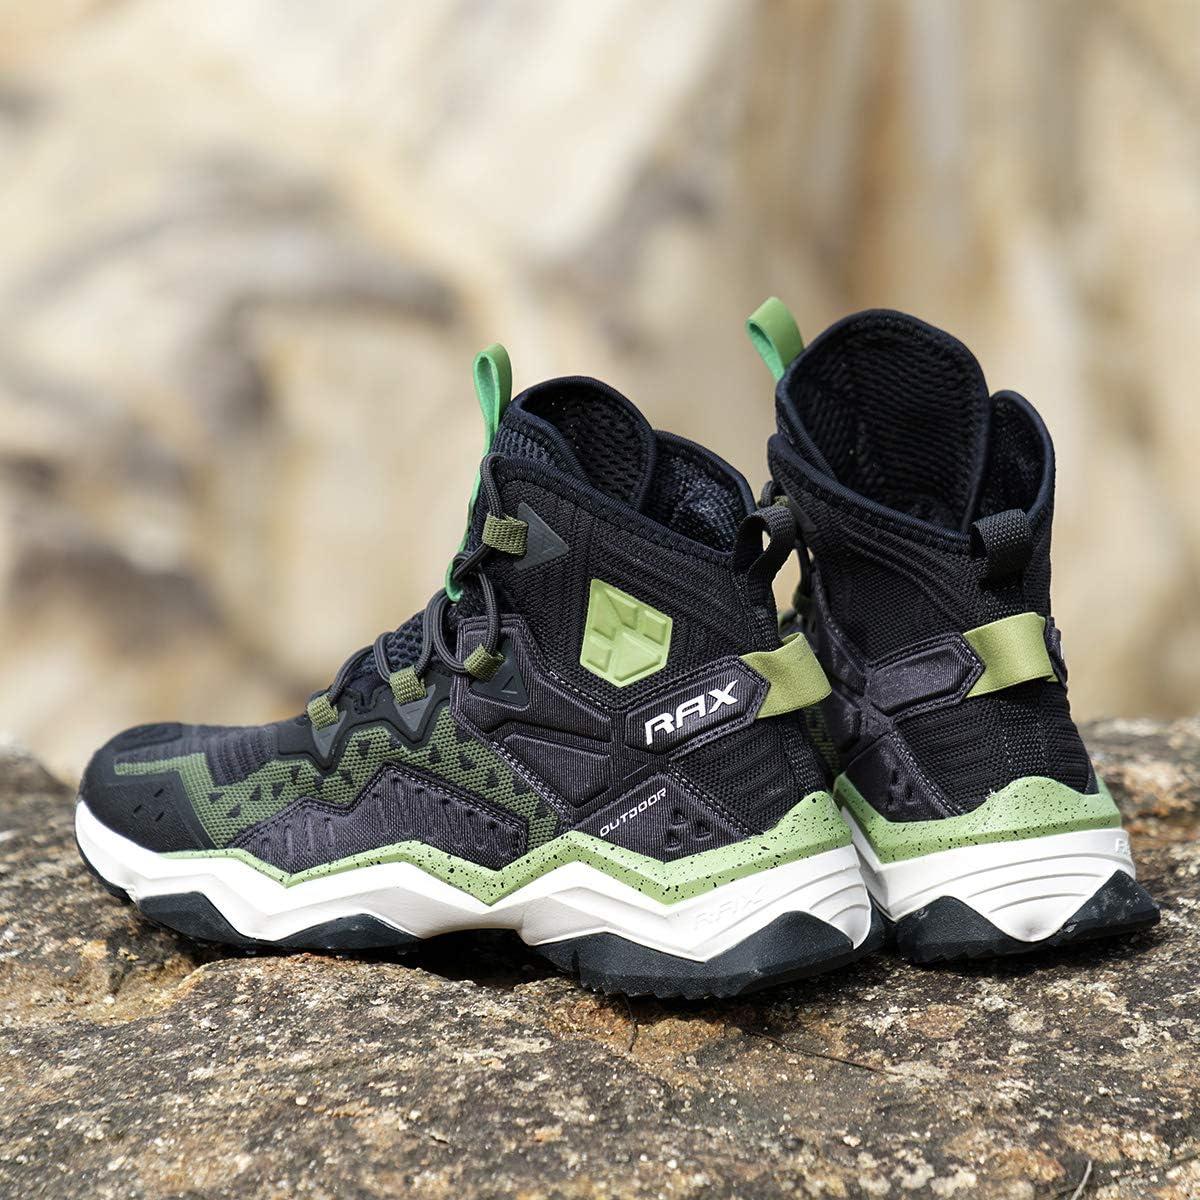 RAX Herren Outdoor Ventilation Trekking Wanderschuhe Camping Backpacking Schuhe Leichter Sneaker